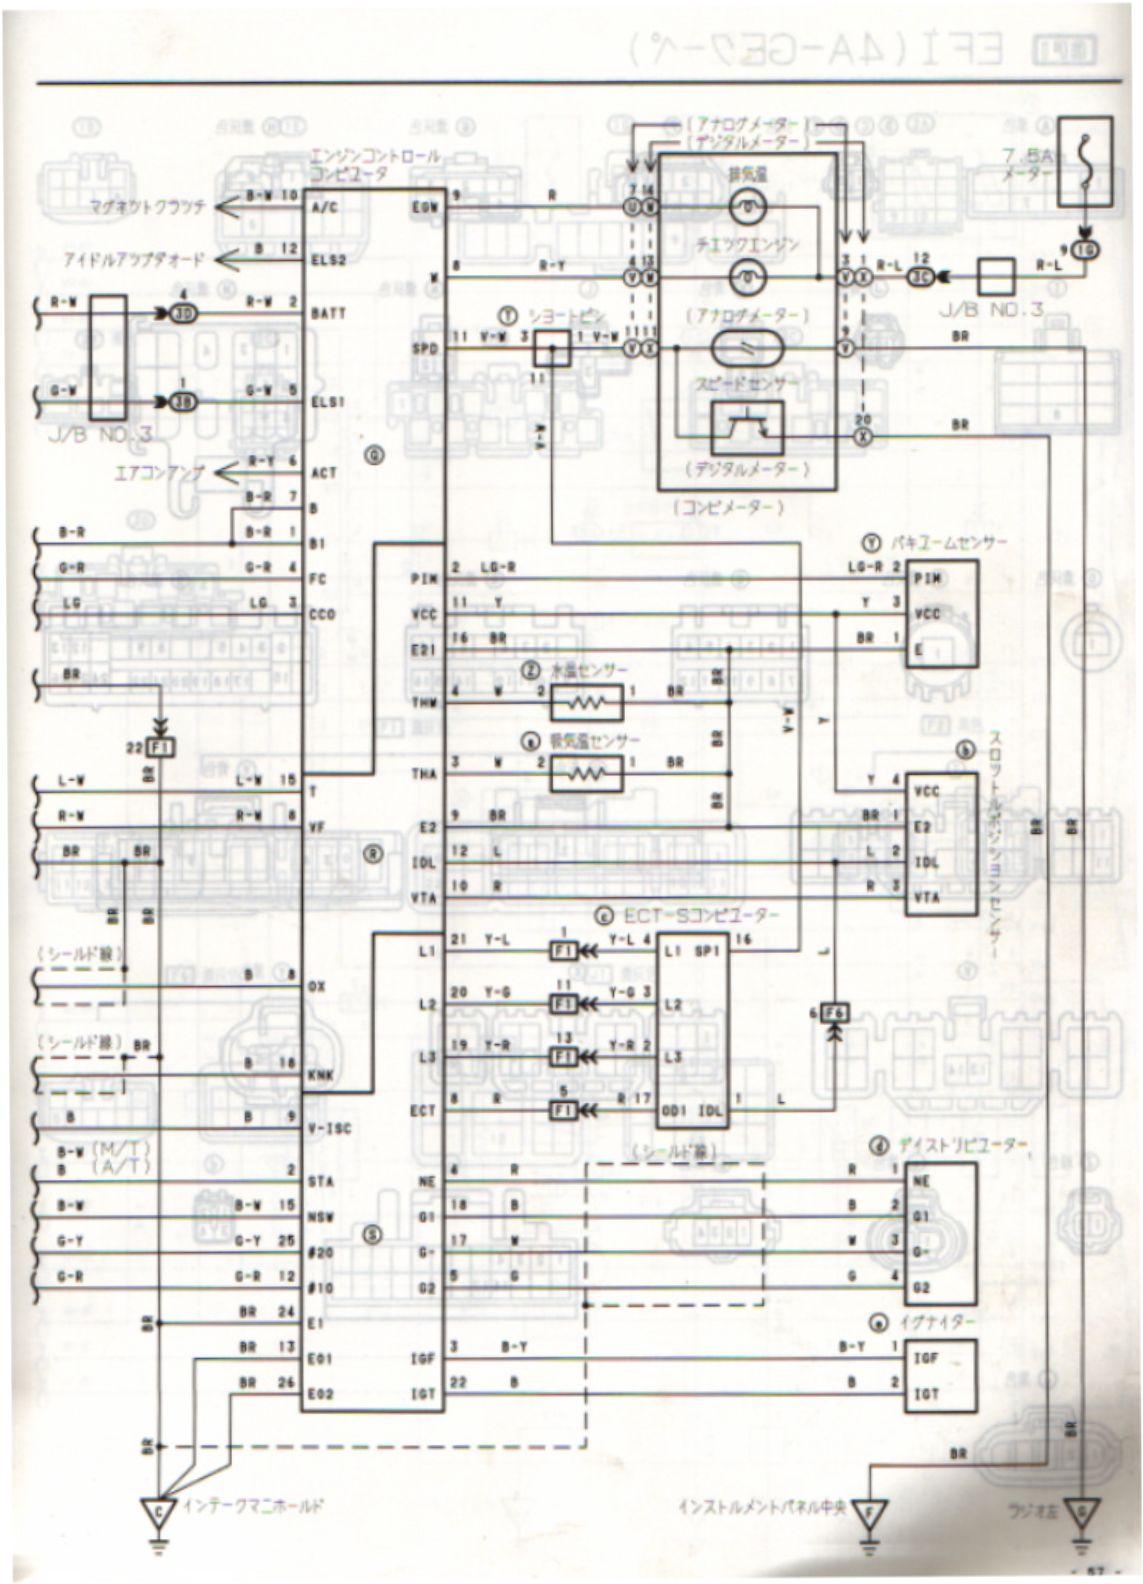 ecu circuit diagram pdf